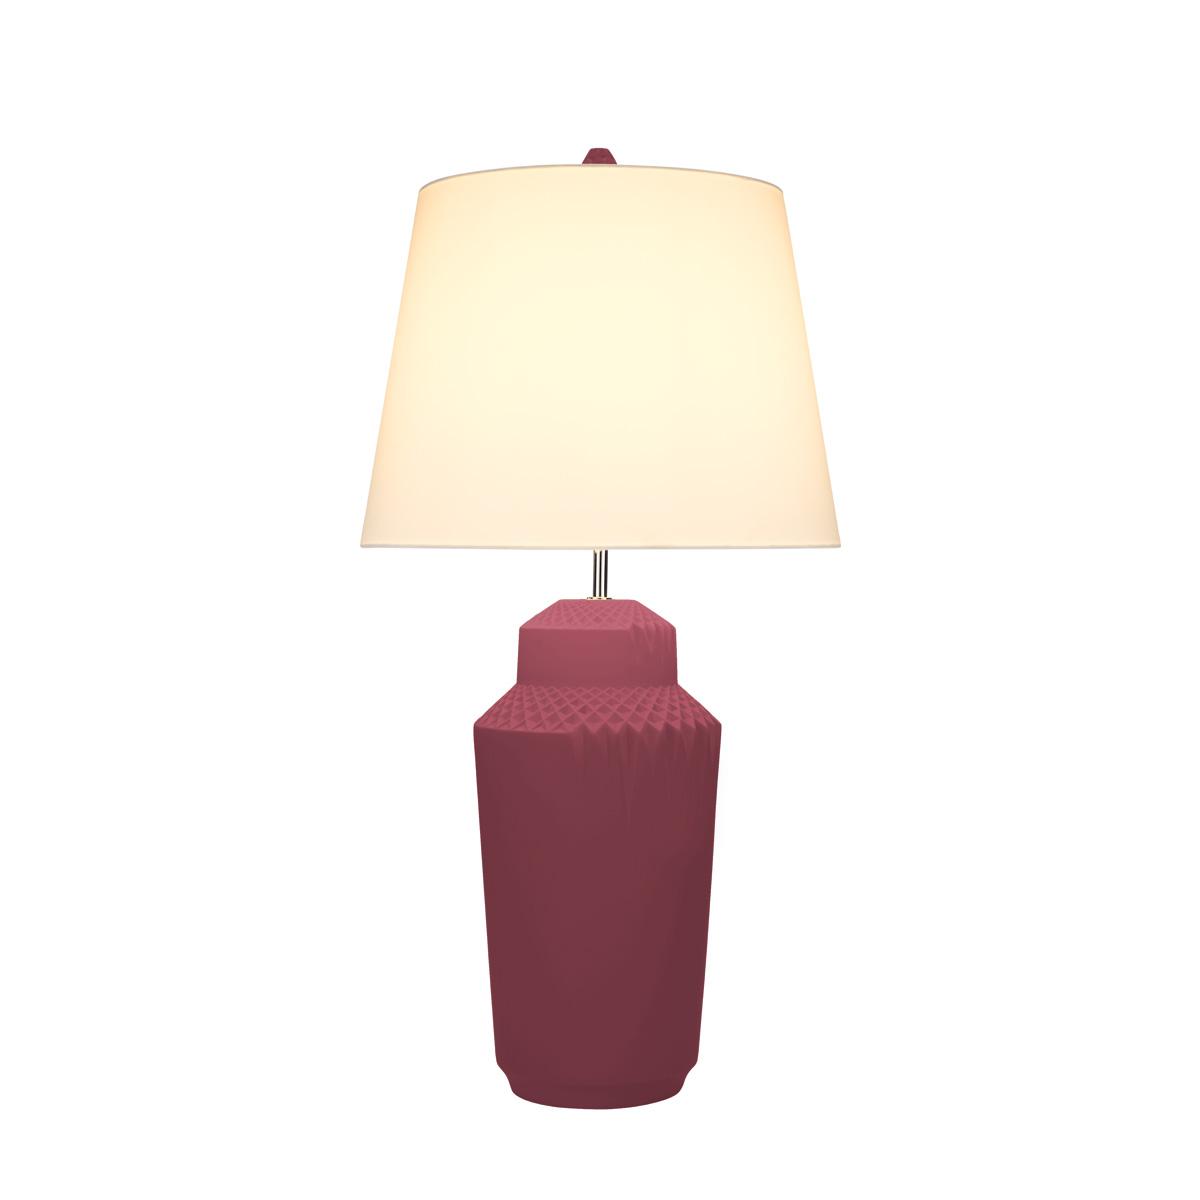 Μεγάλη επιτραπέζια λάμπα EDRUM ceramic table lamp